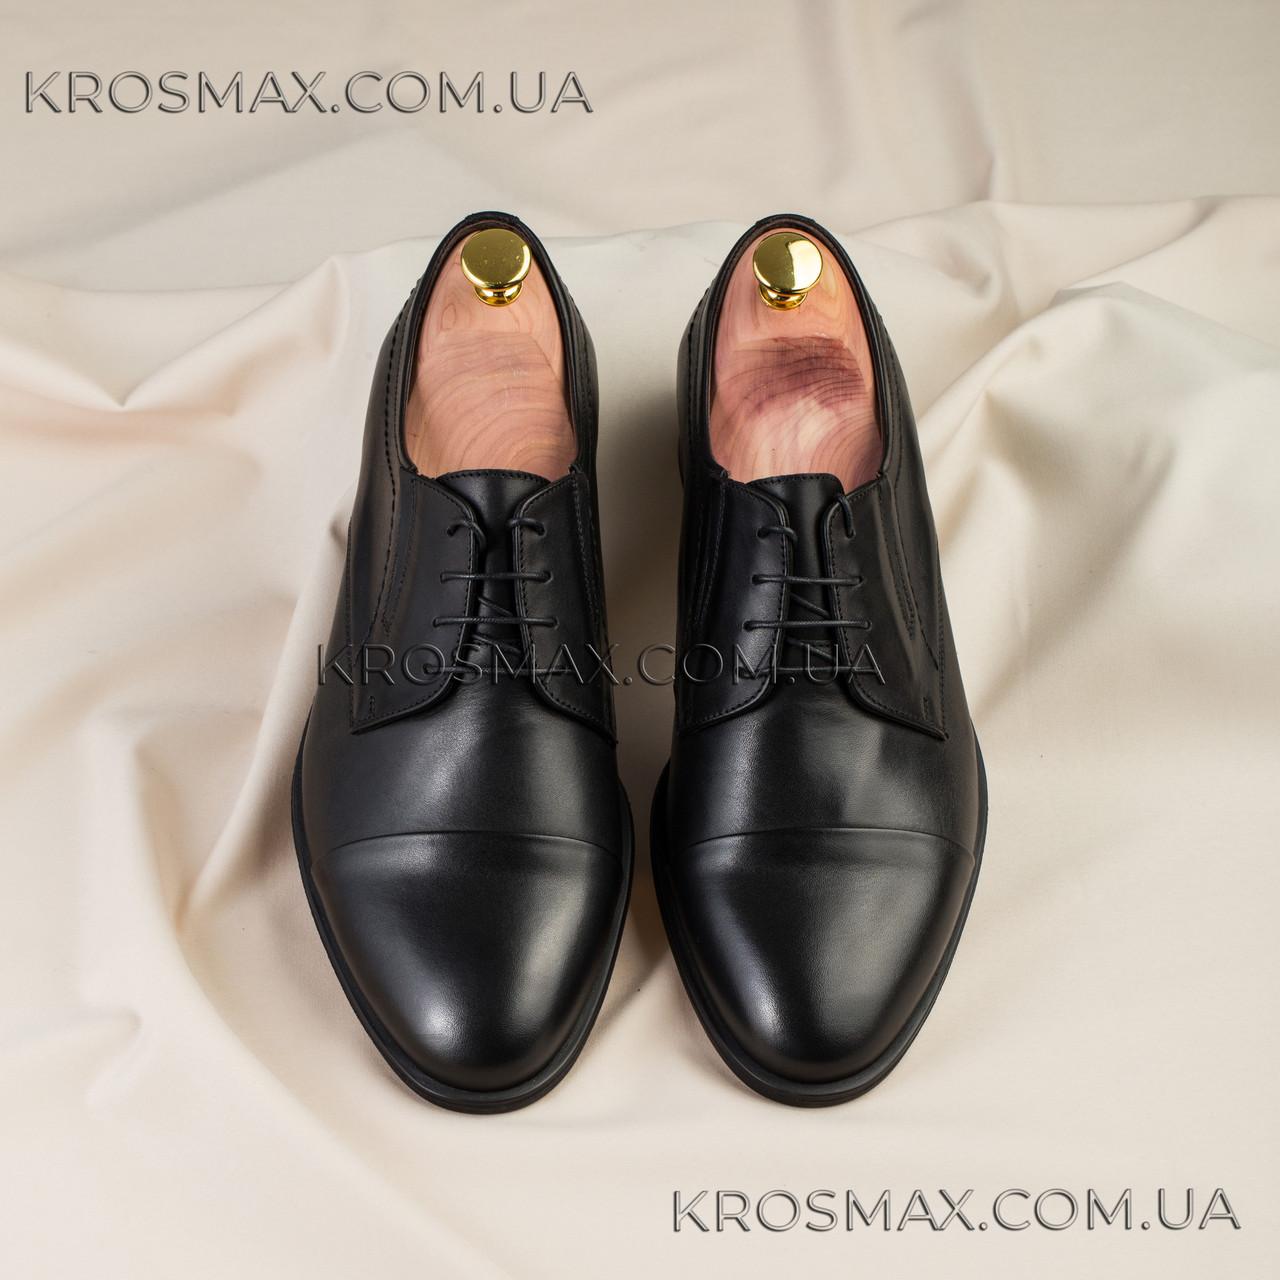 Мужские чёрные кожаные туфли (дерби, оксфорды) ікос/ikos